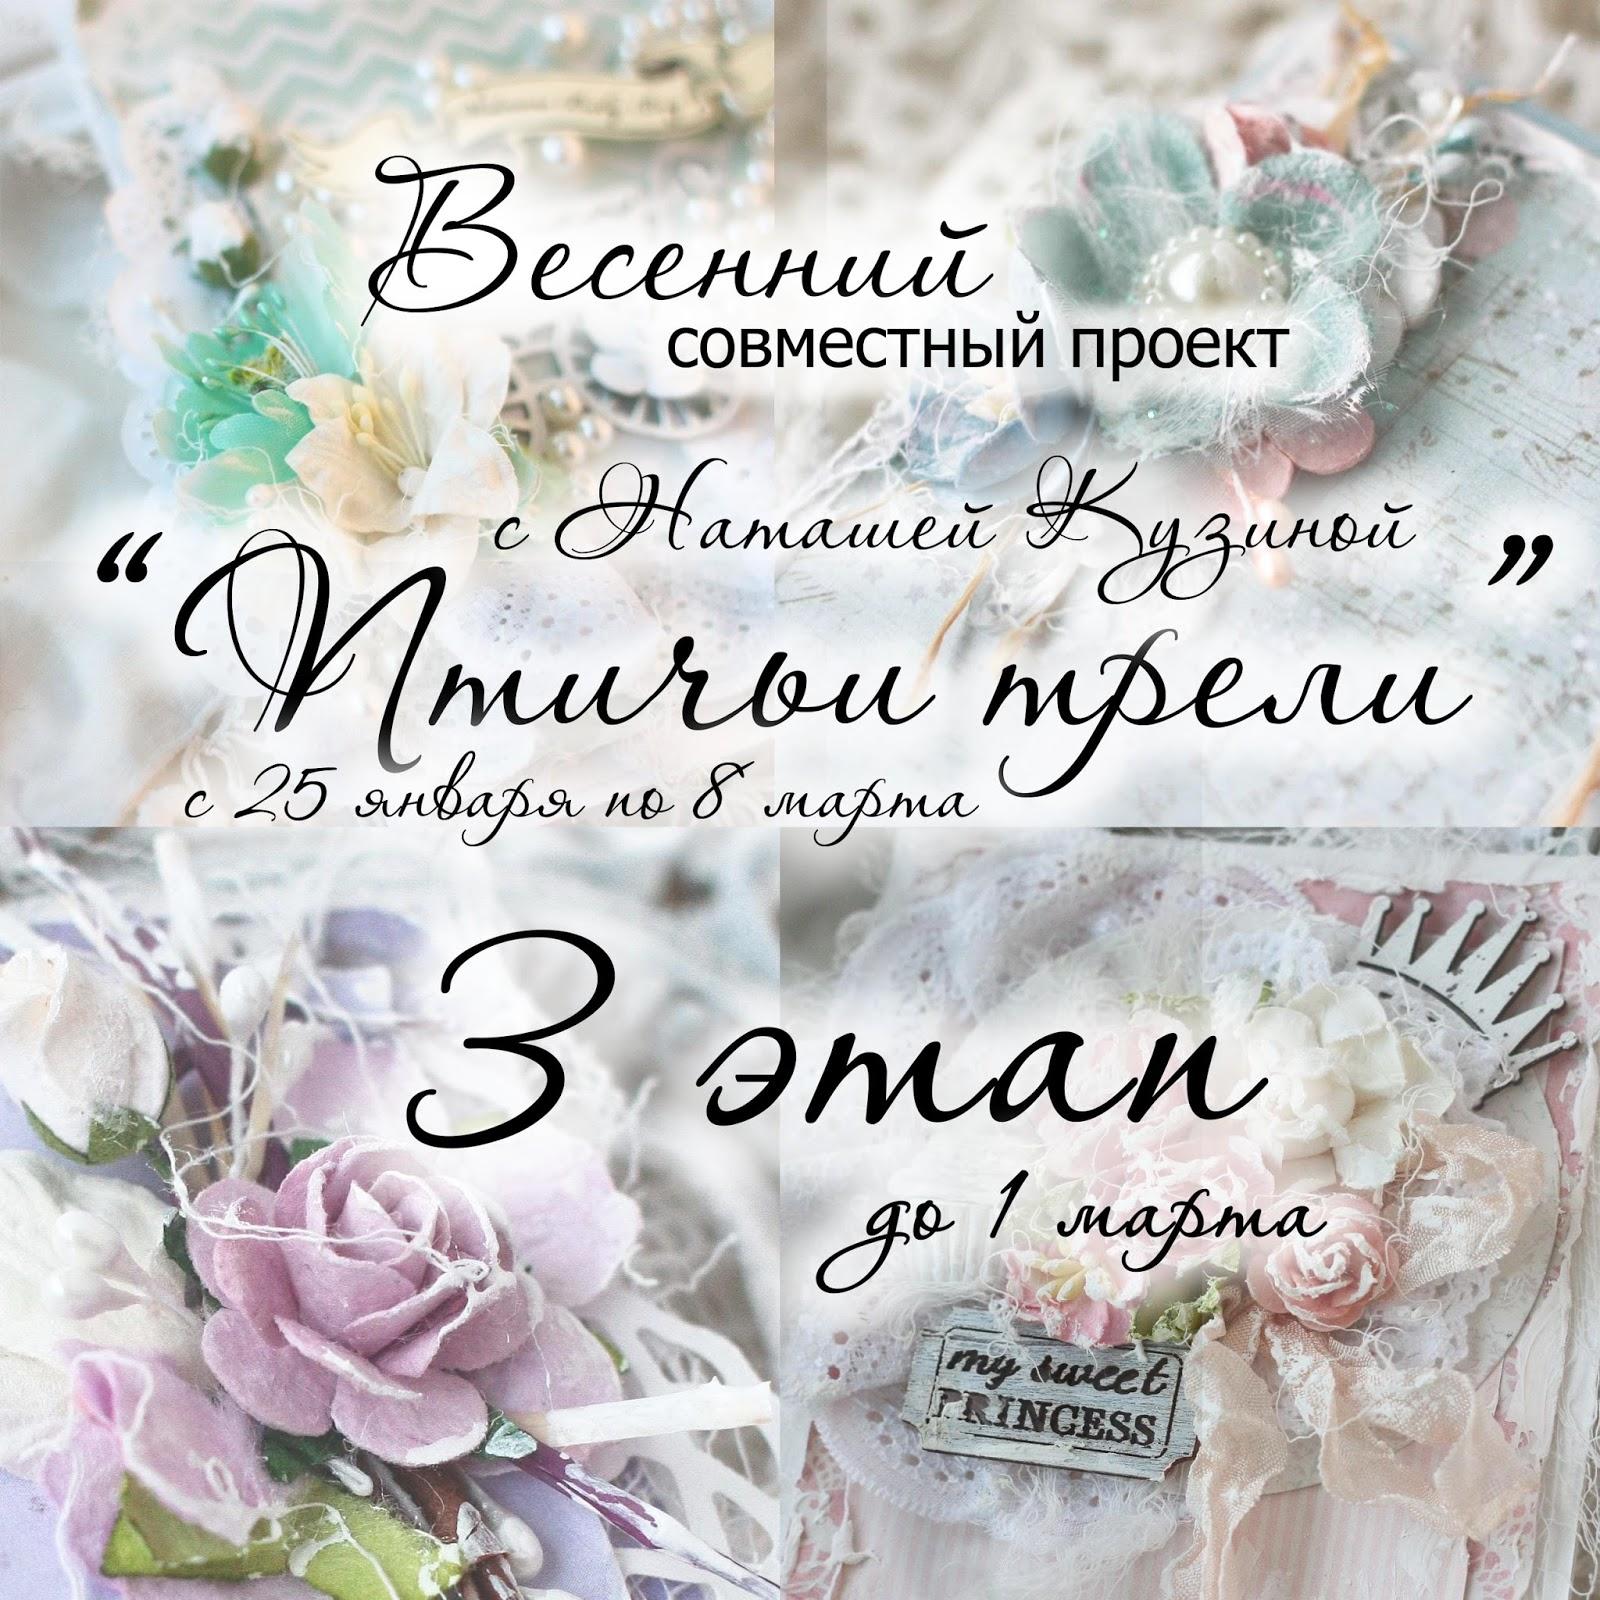 http://ruchnye-podarki.blogspot.ru/2015/02/3.html